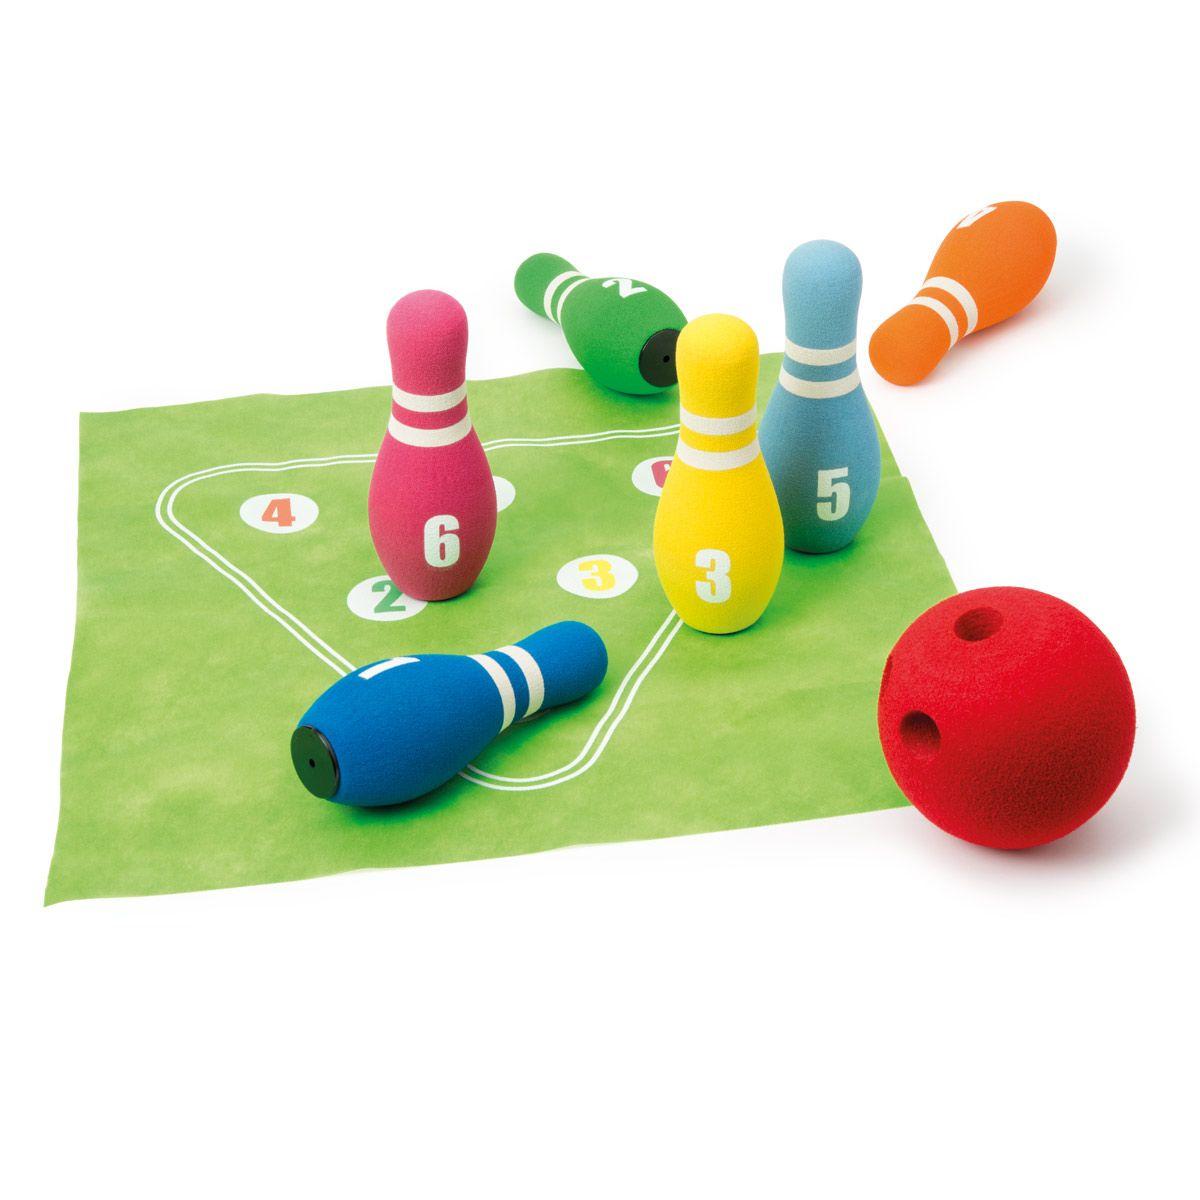 Bowling En Mousse Energybul Création Oxybul | Jeux De tout Jeu Bowling Enfant